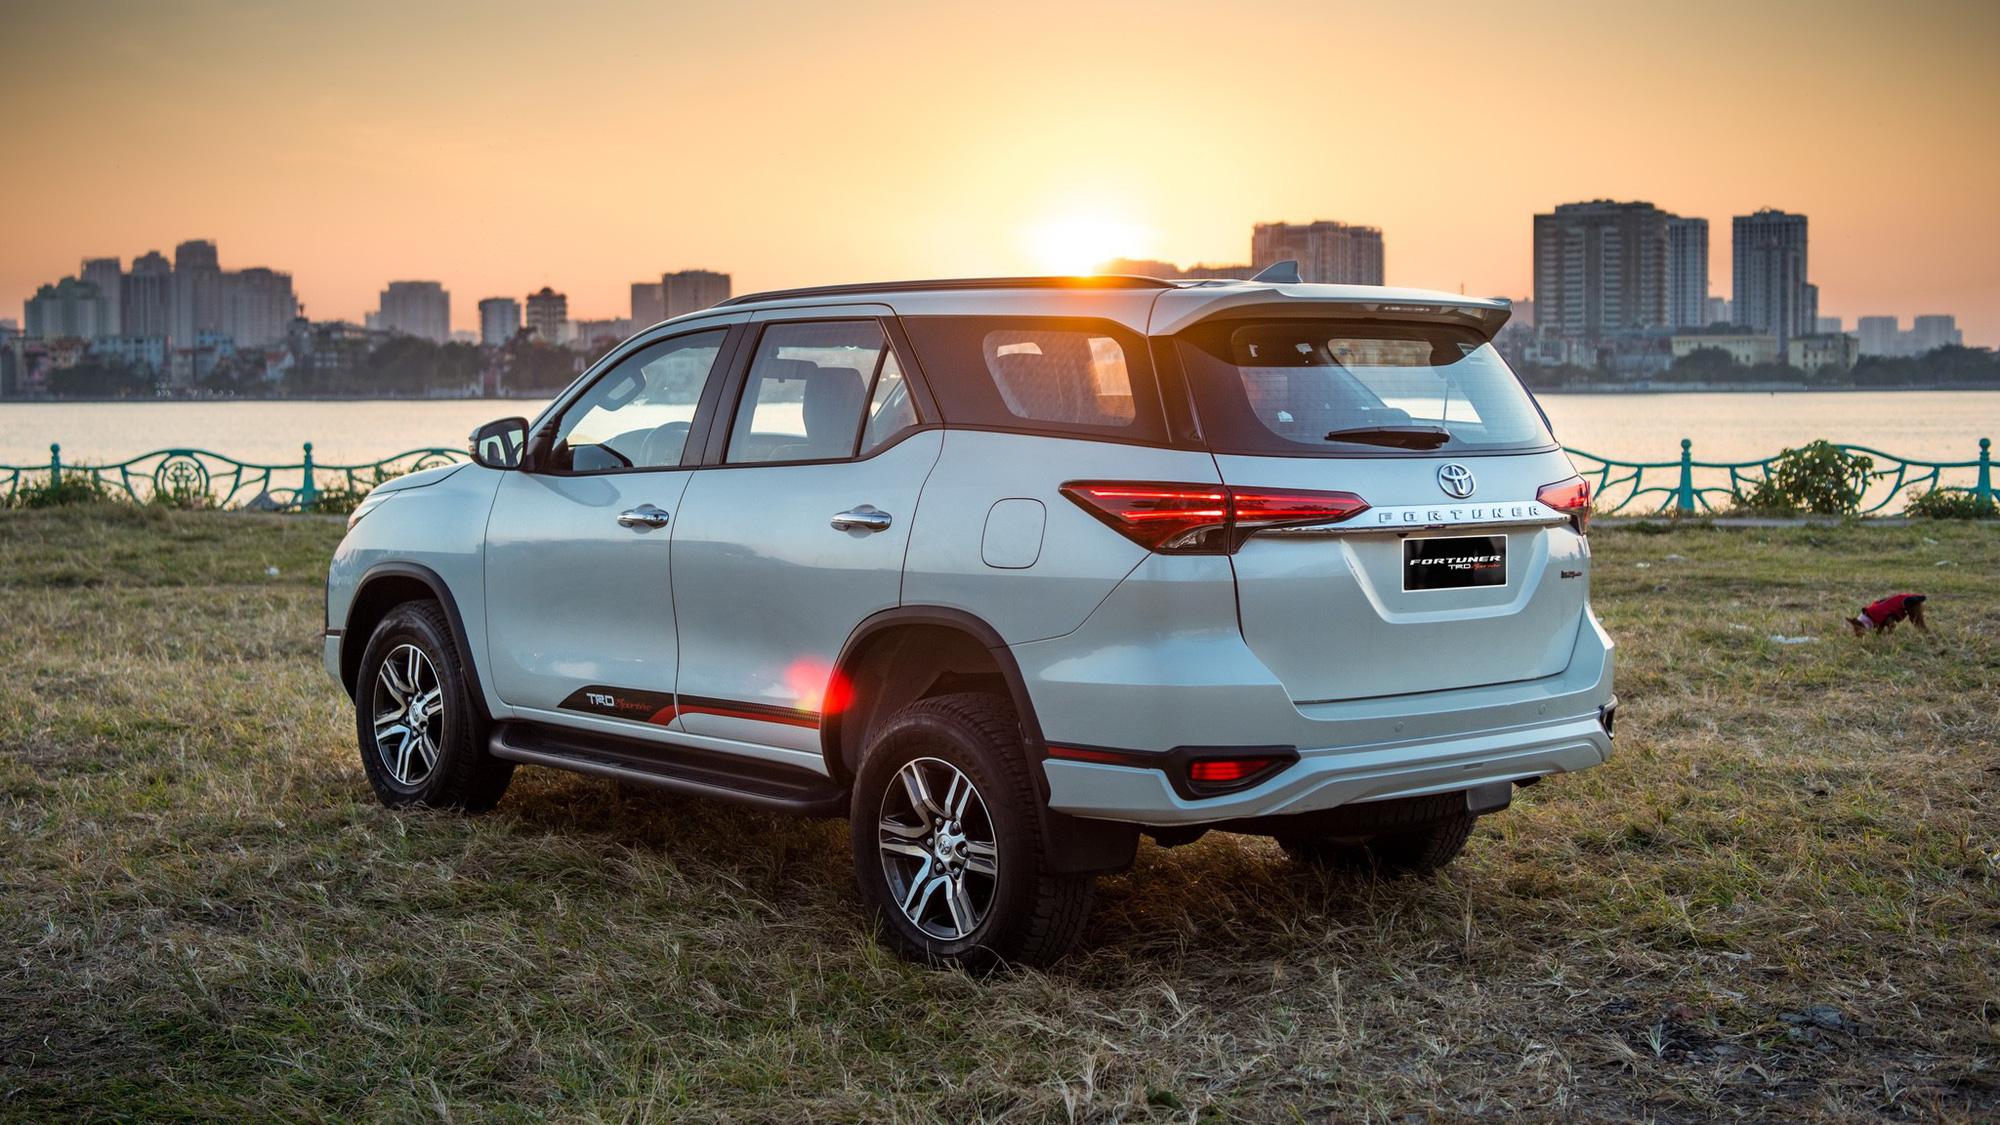 Toyota Fortuner tăng lực trong tháng 7 - Vua SUV 7 chỗ củng cố ngôi vị - Ảnh 2.